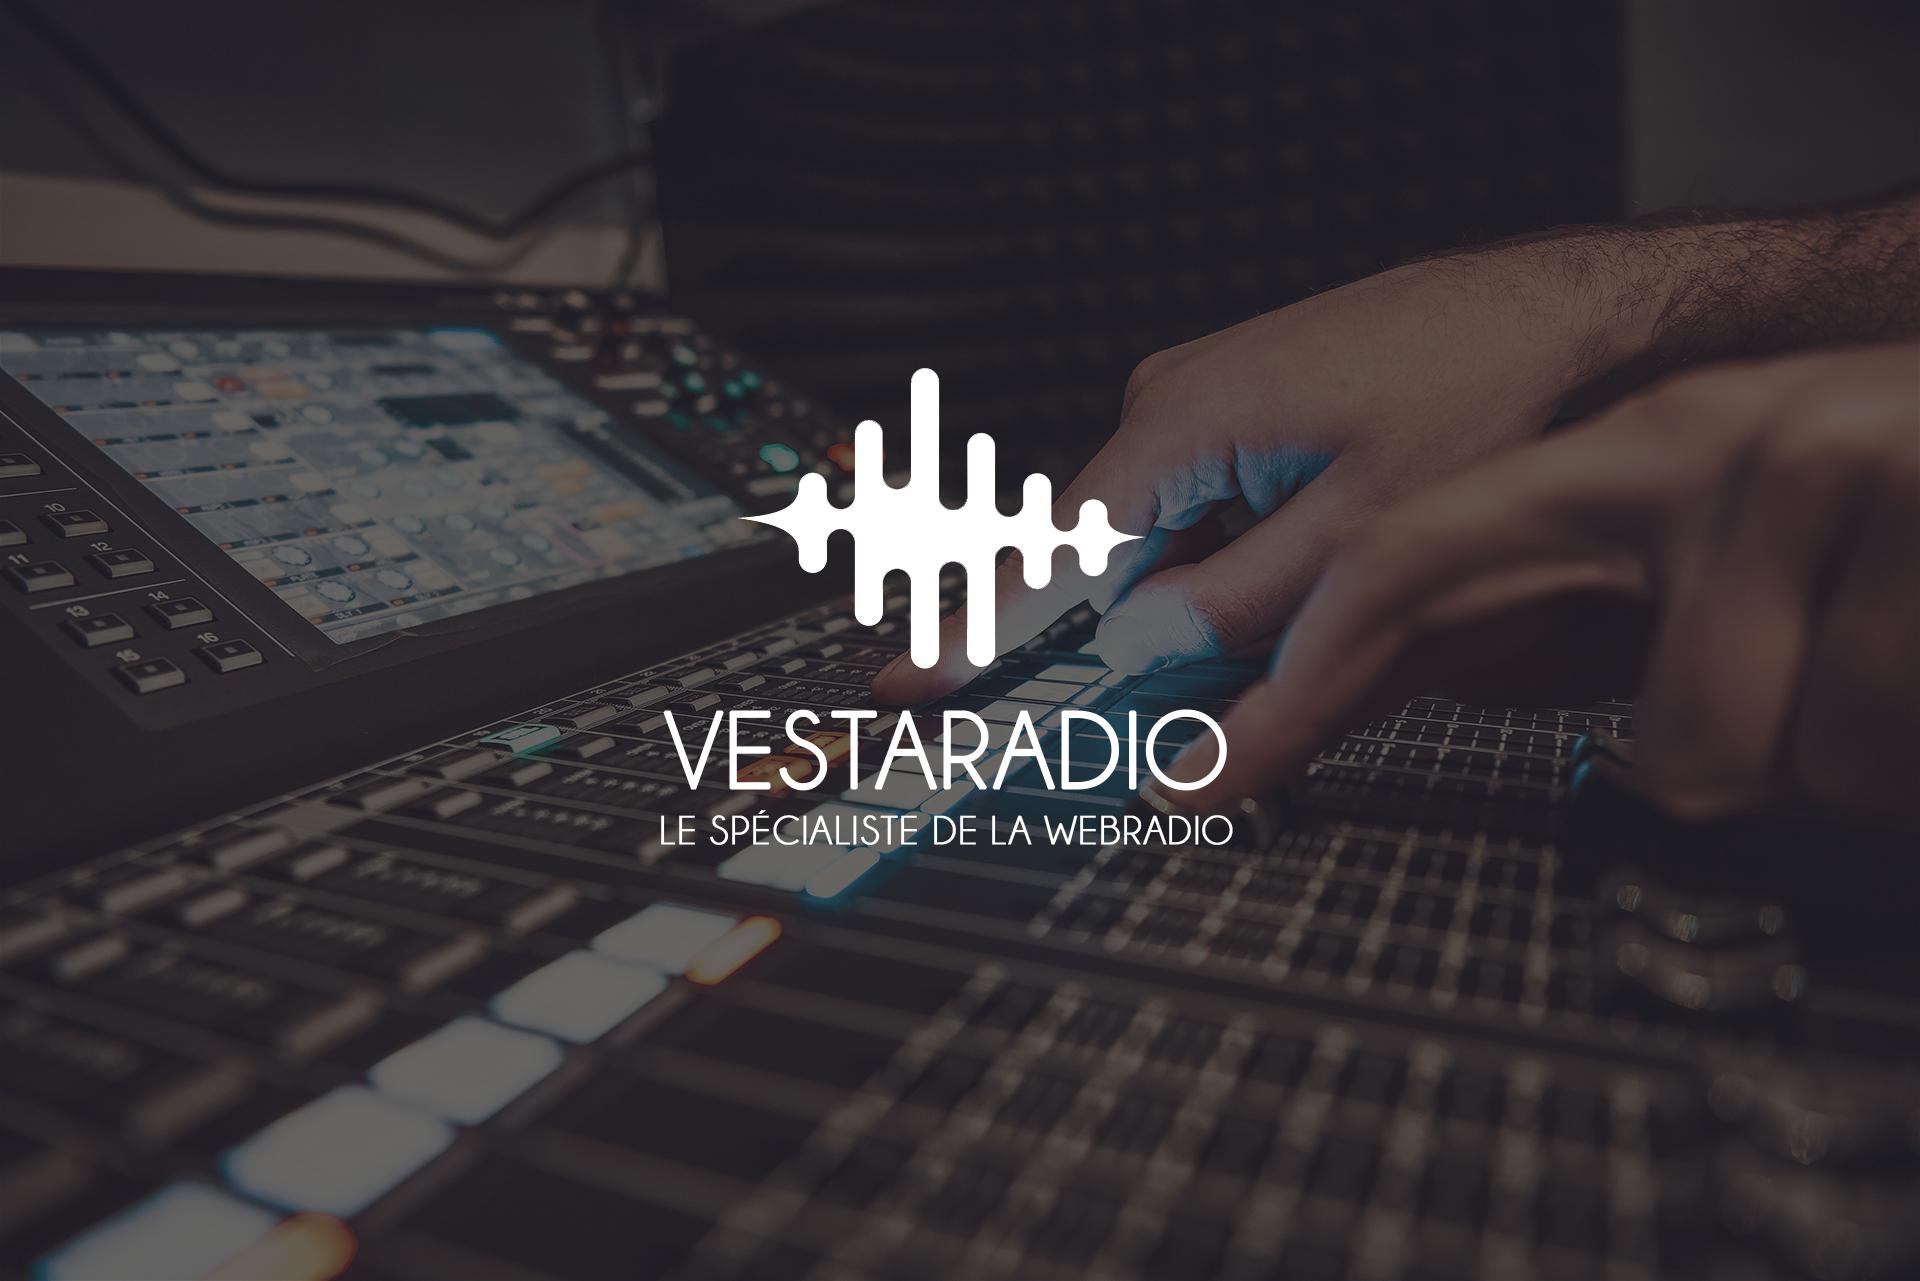 (c) Vestaradio.net